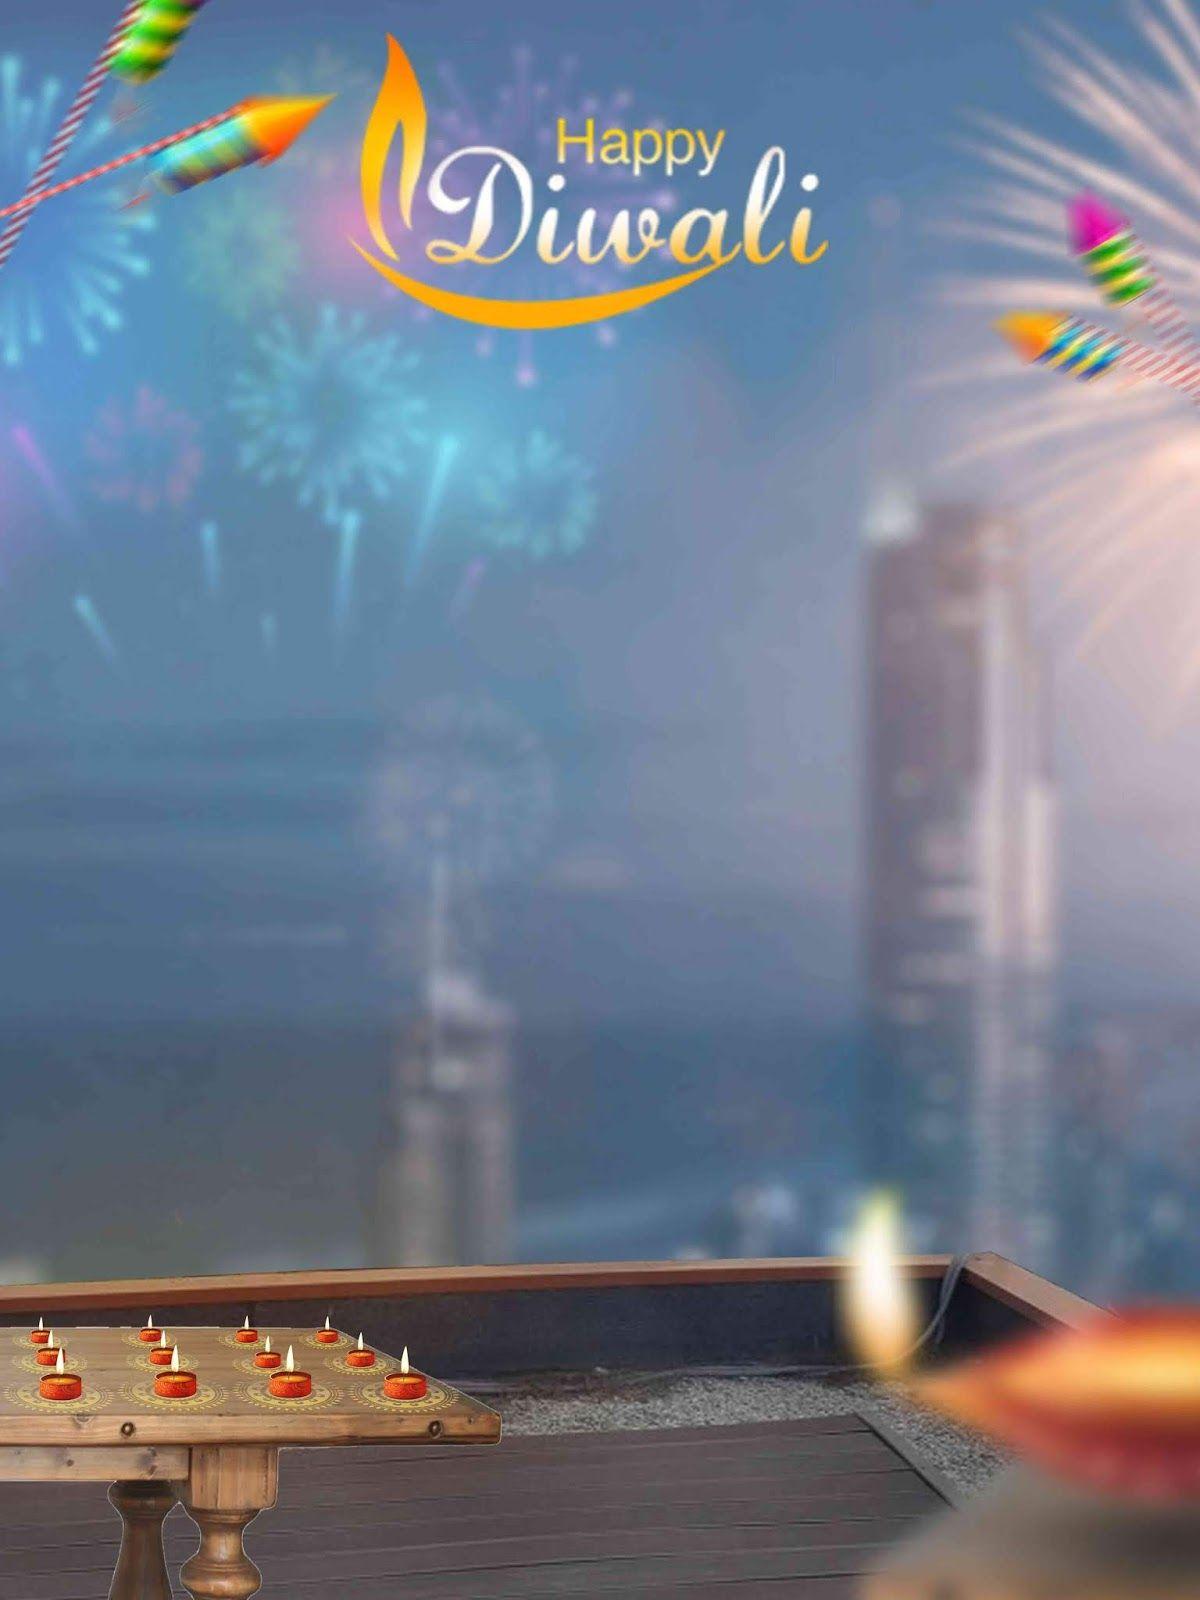 Diwali Hd Background For Editing Diwali Background Full Hd